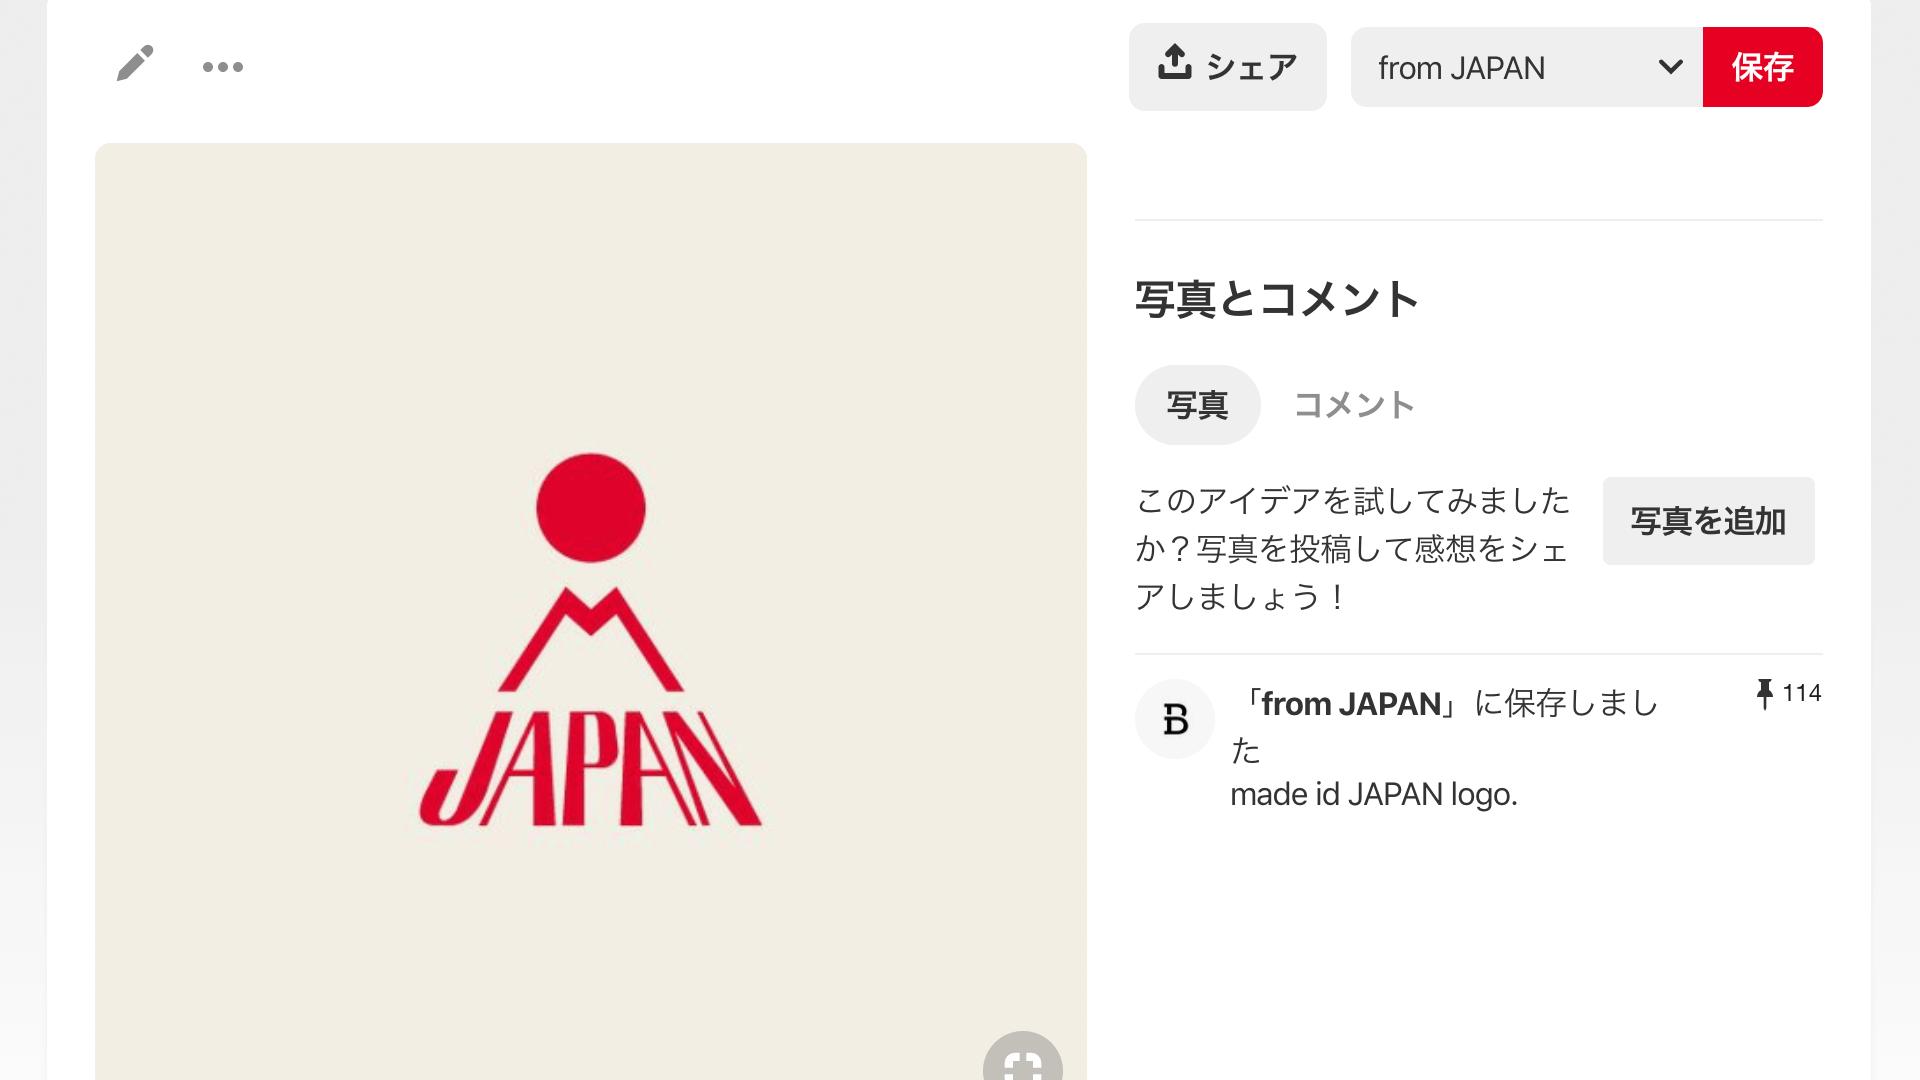 JAPANロゴのpinterest画面